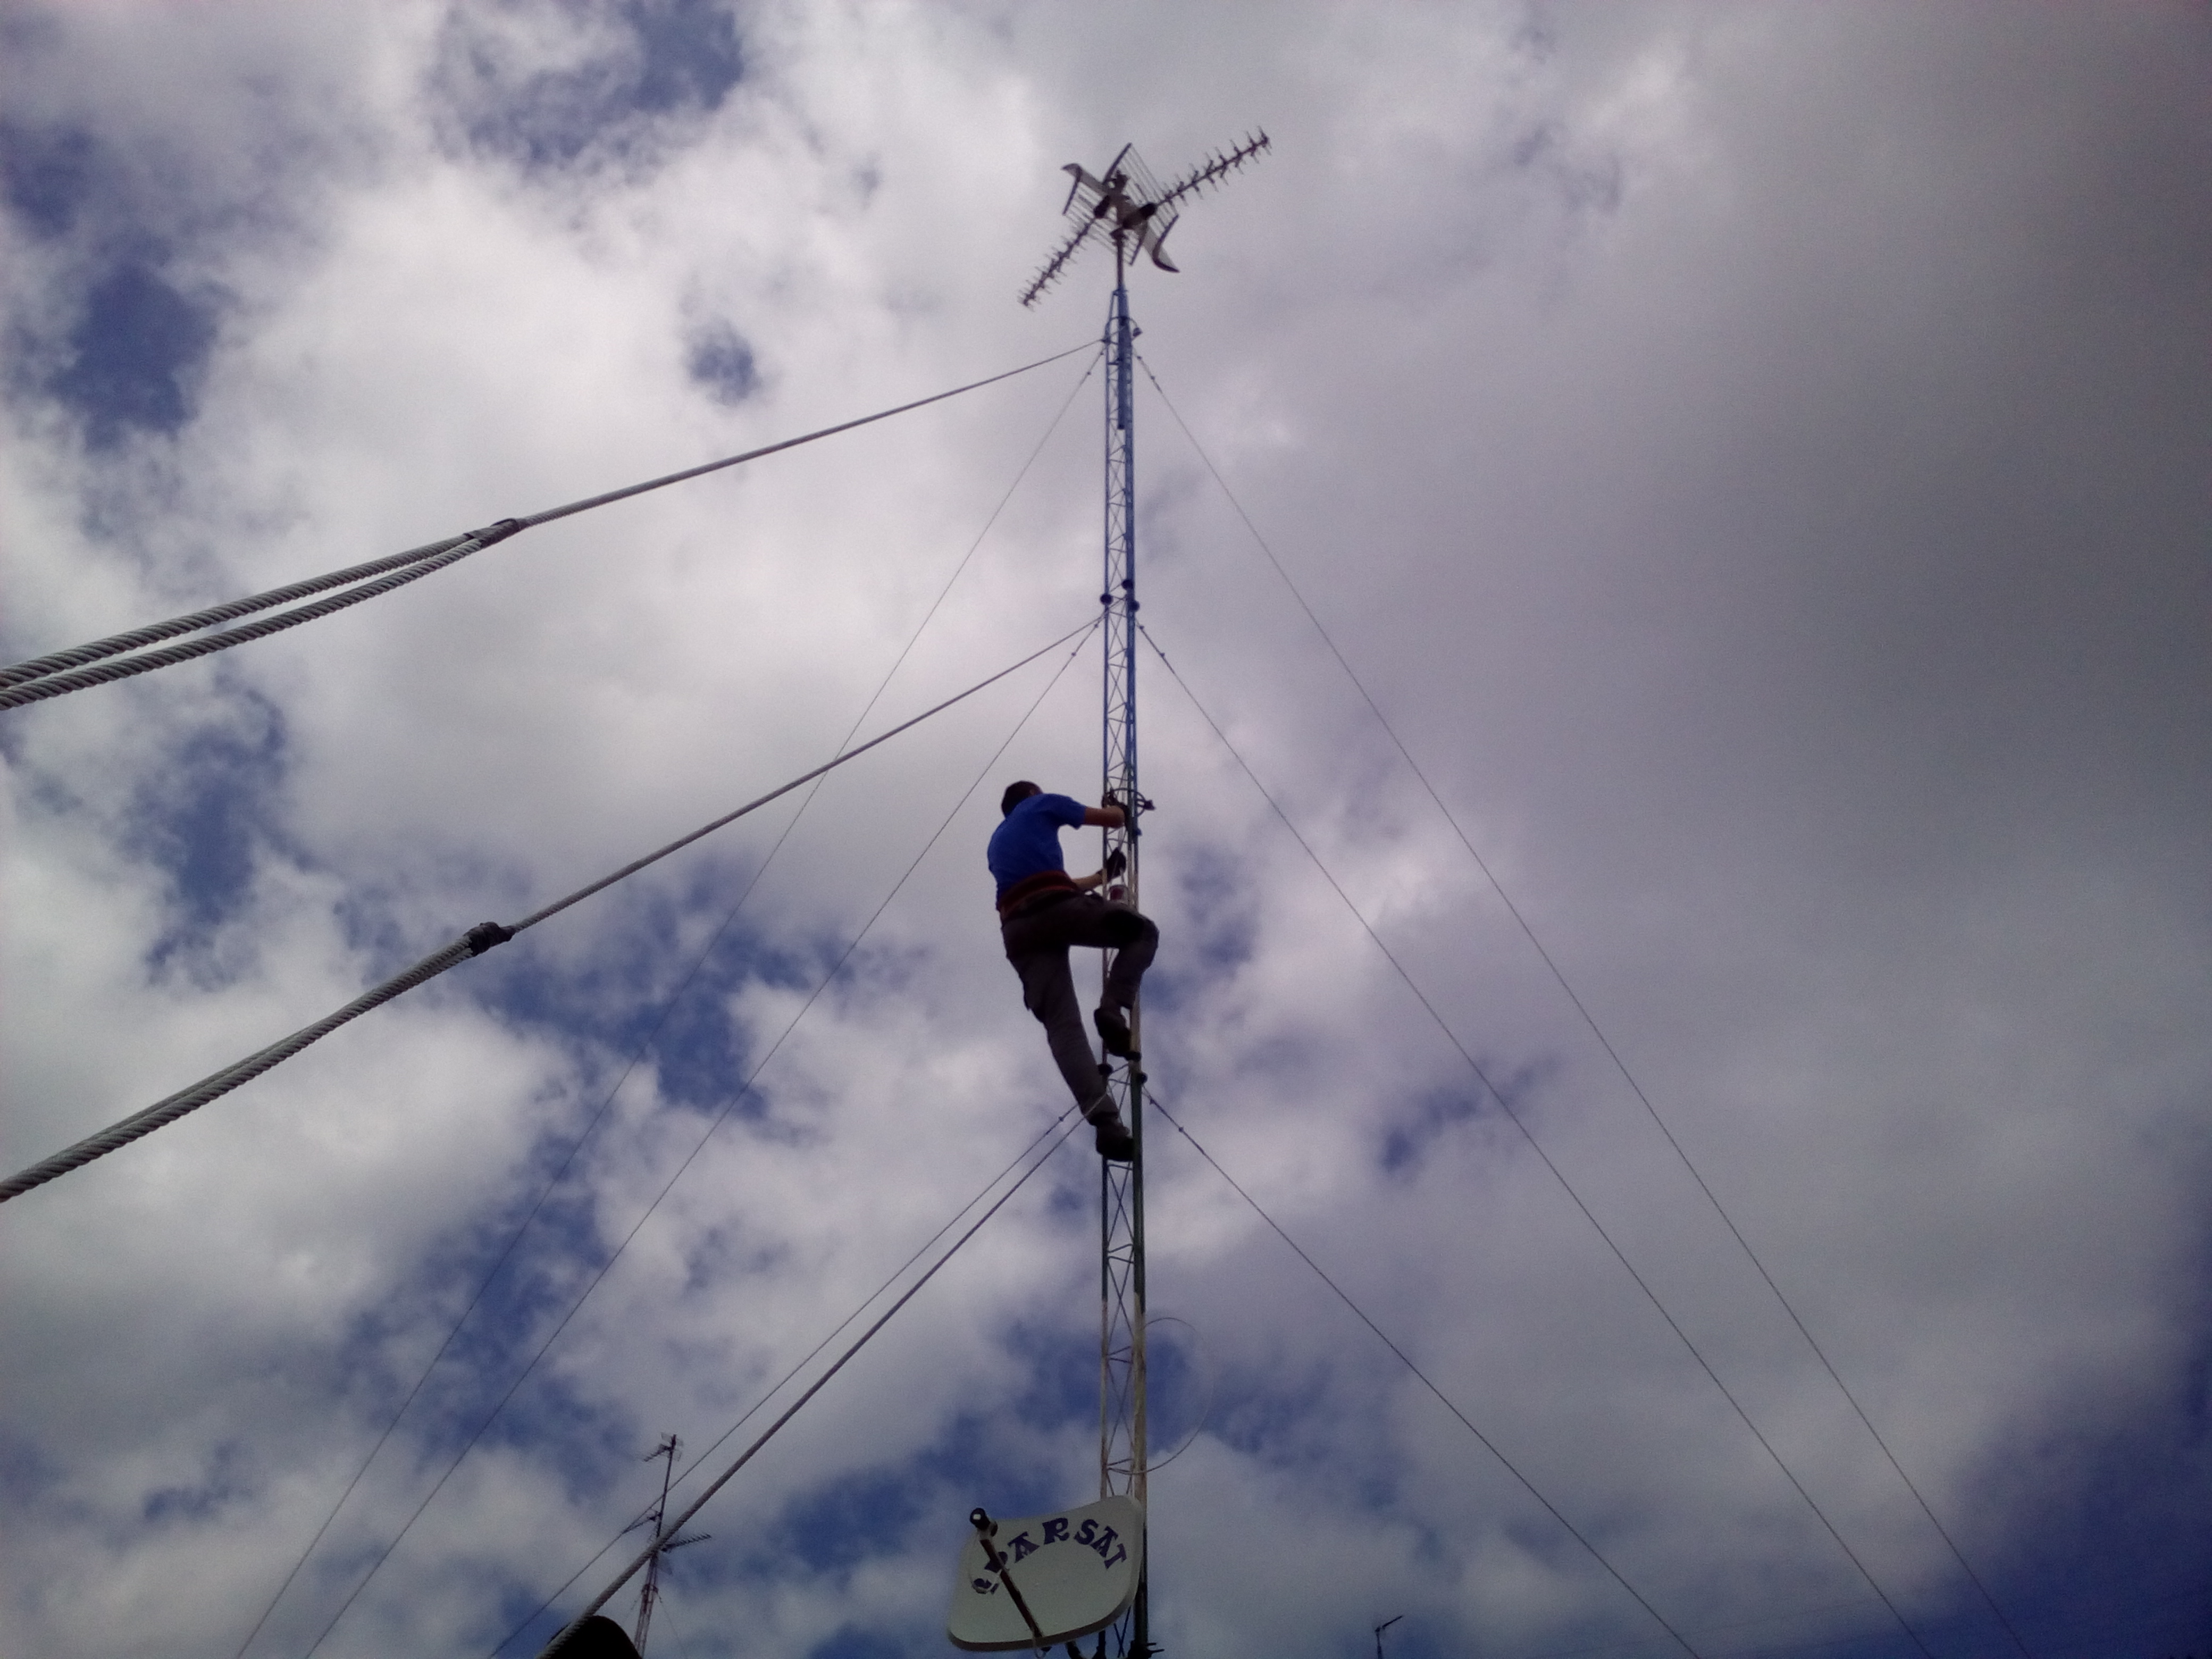 reparando torreta de antena